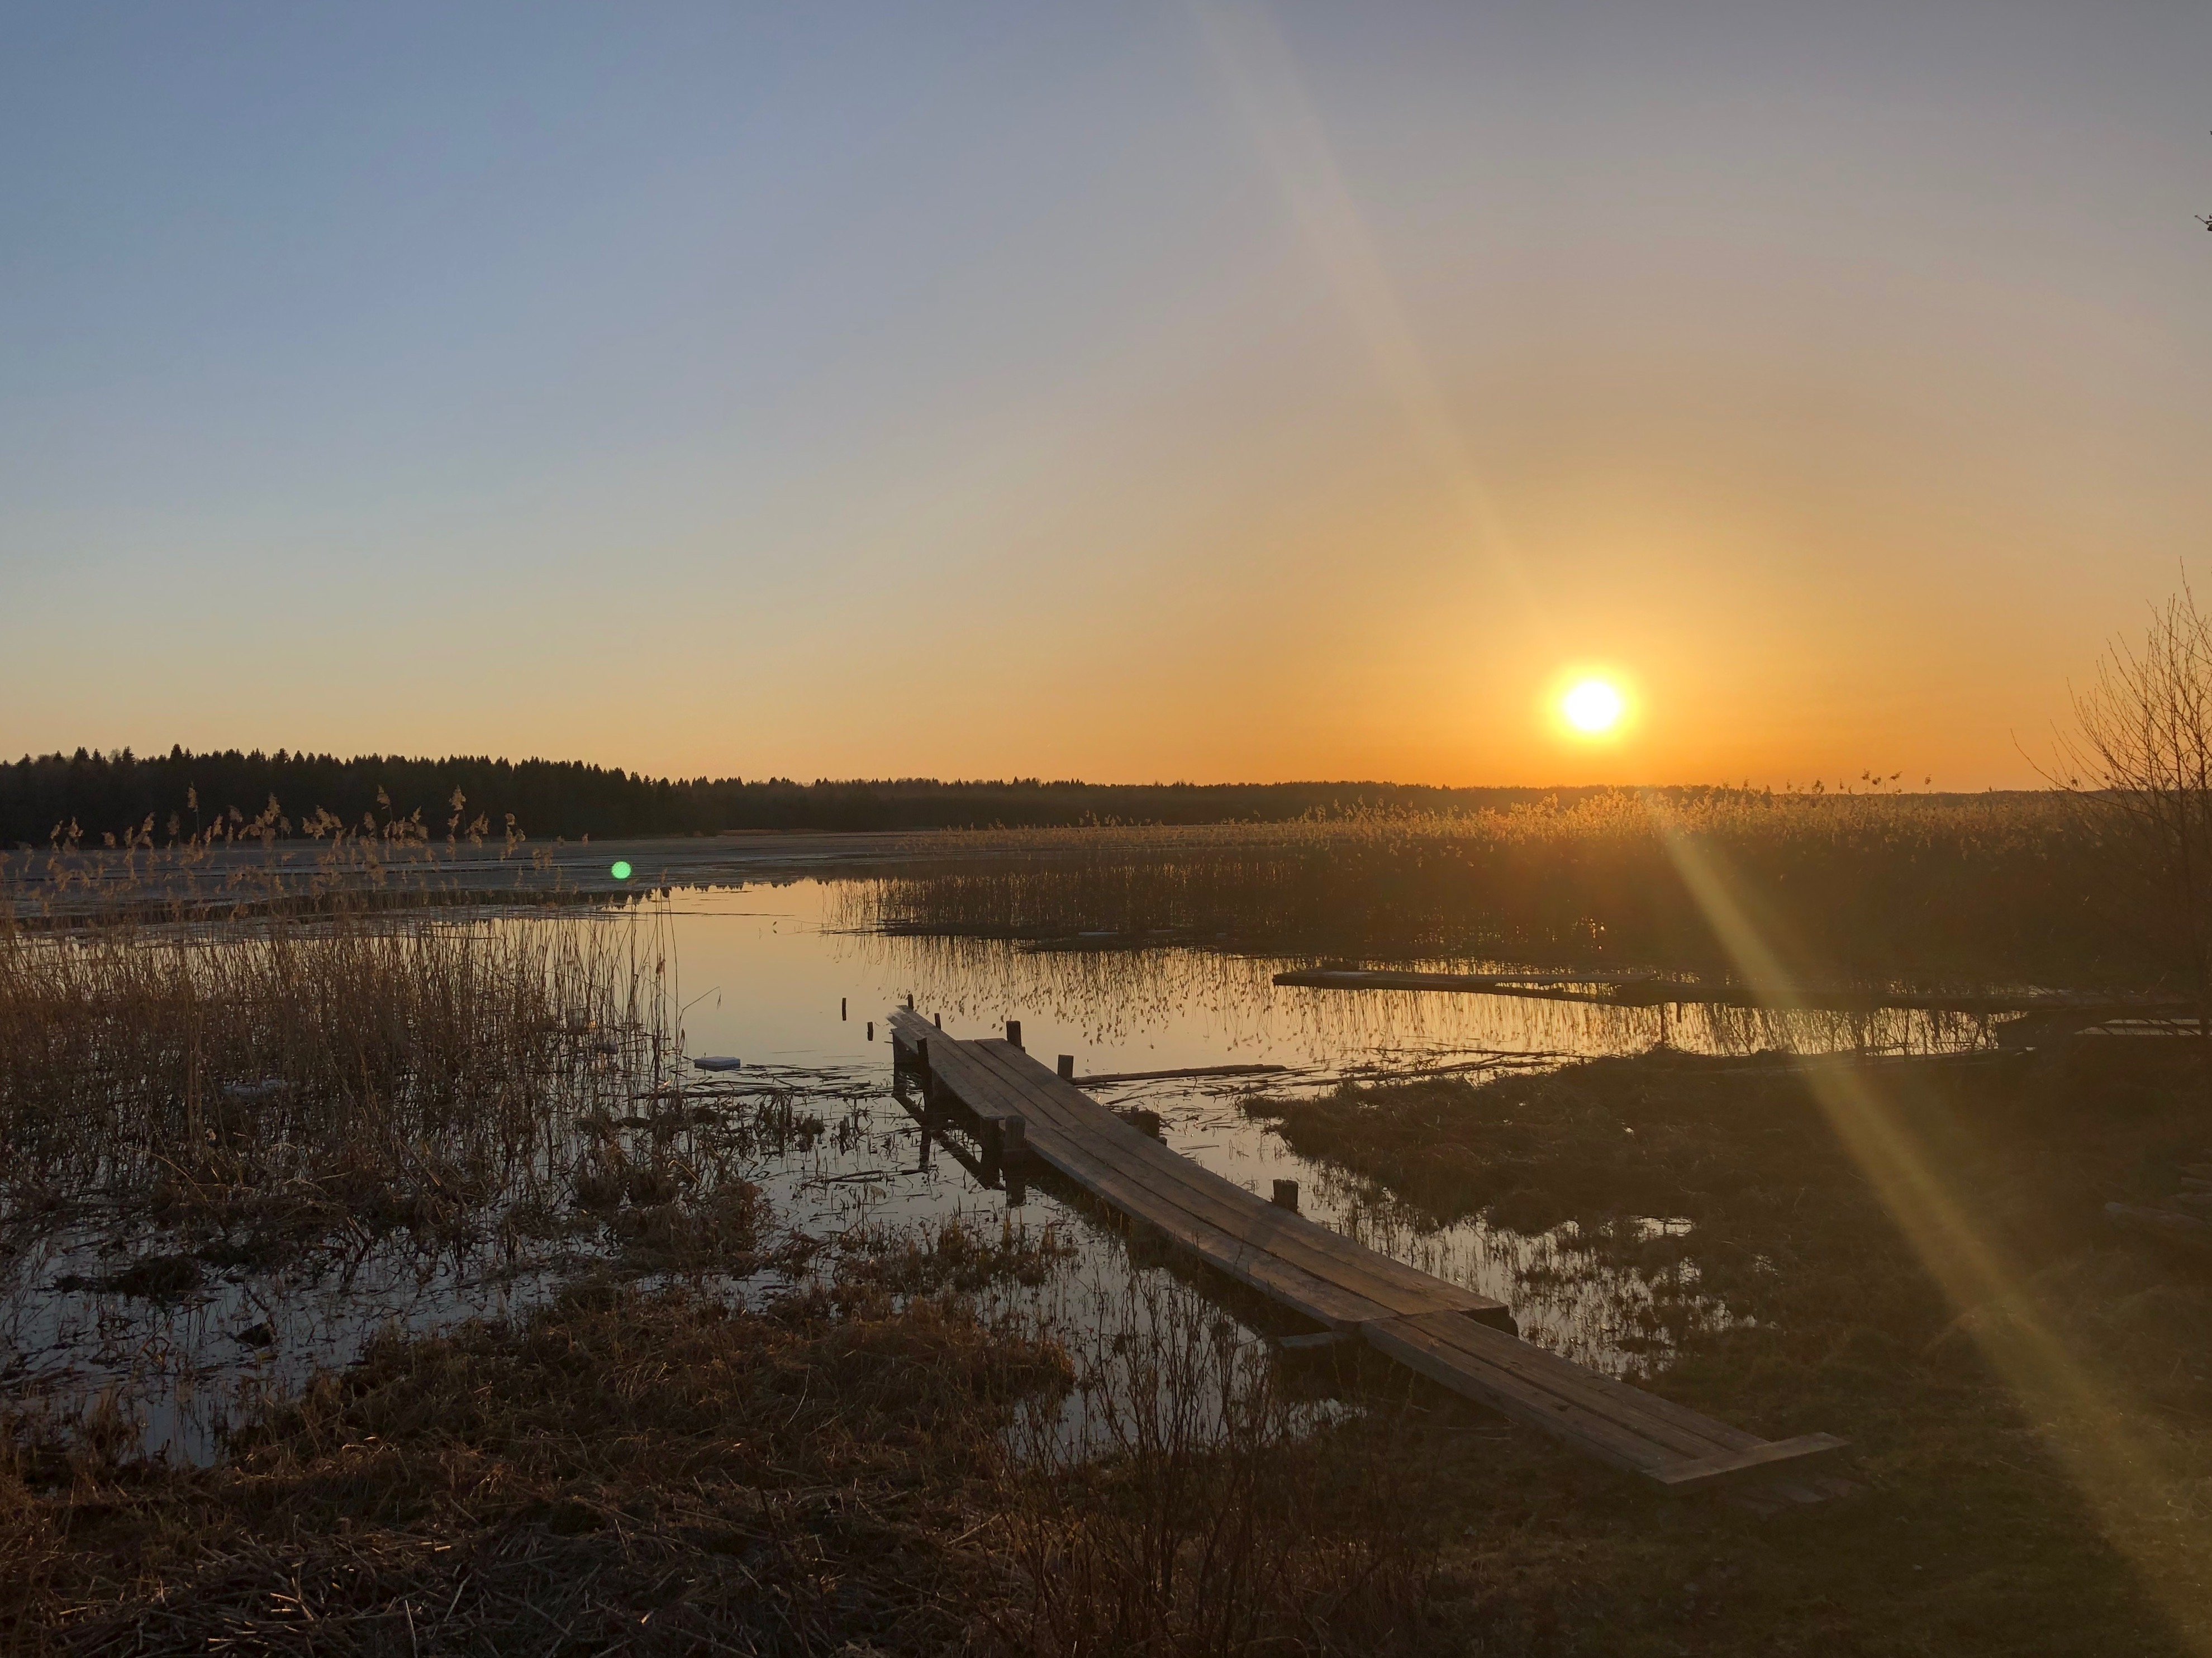 Шиляково. Национальный парк «Русский Север», Россия. Фотография Губайдуллиной Н.